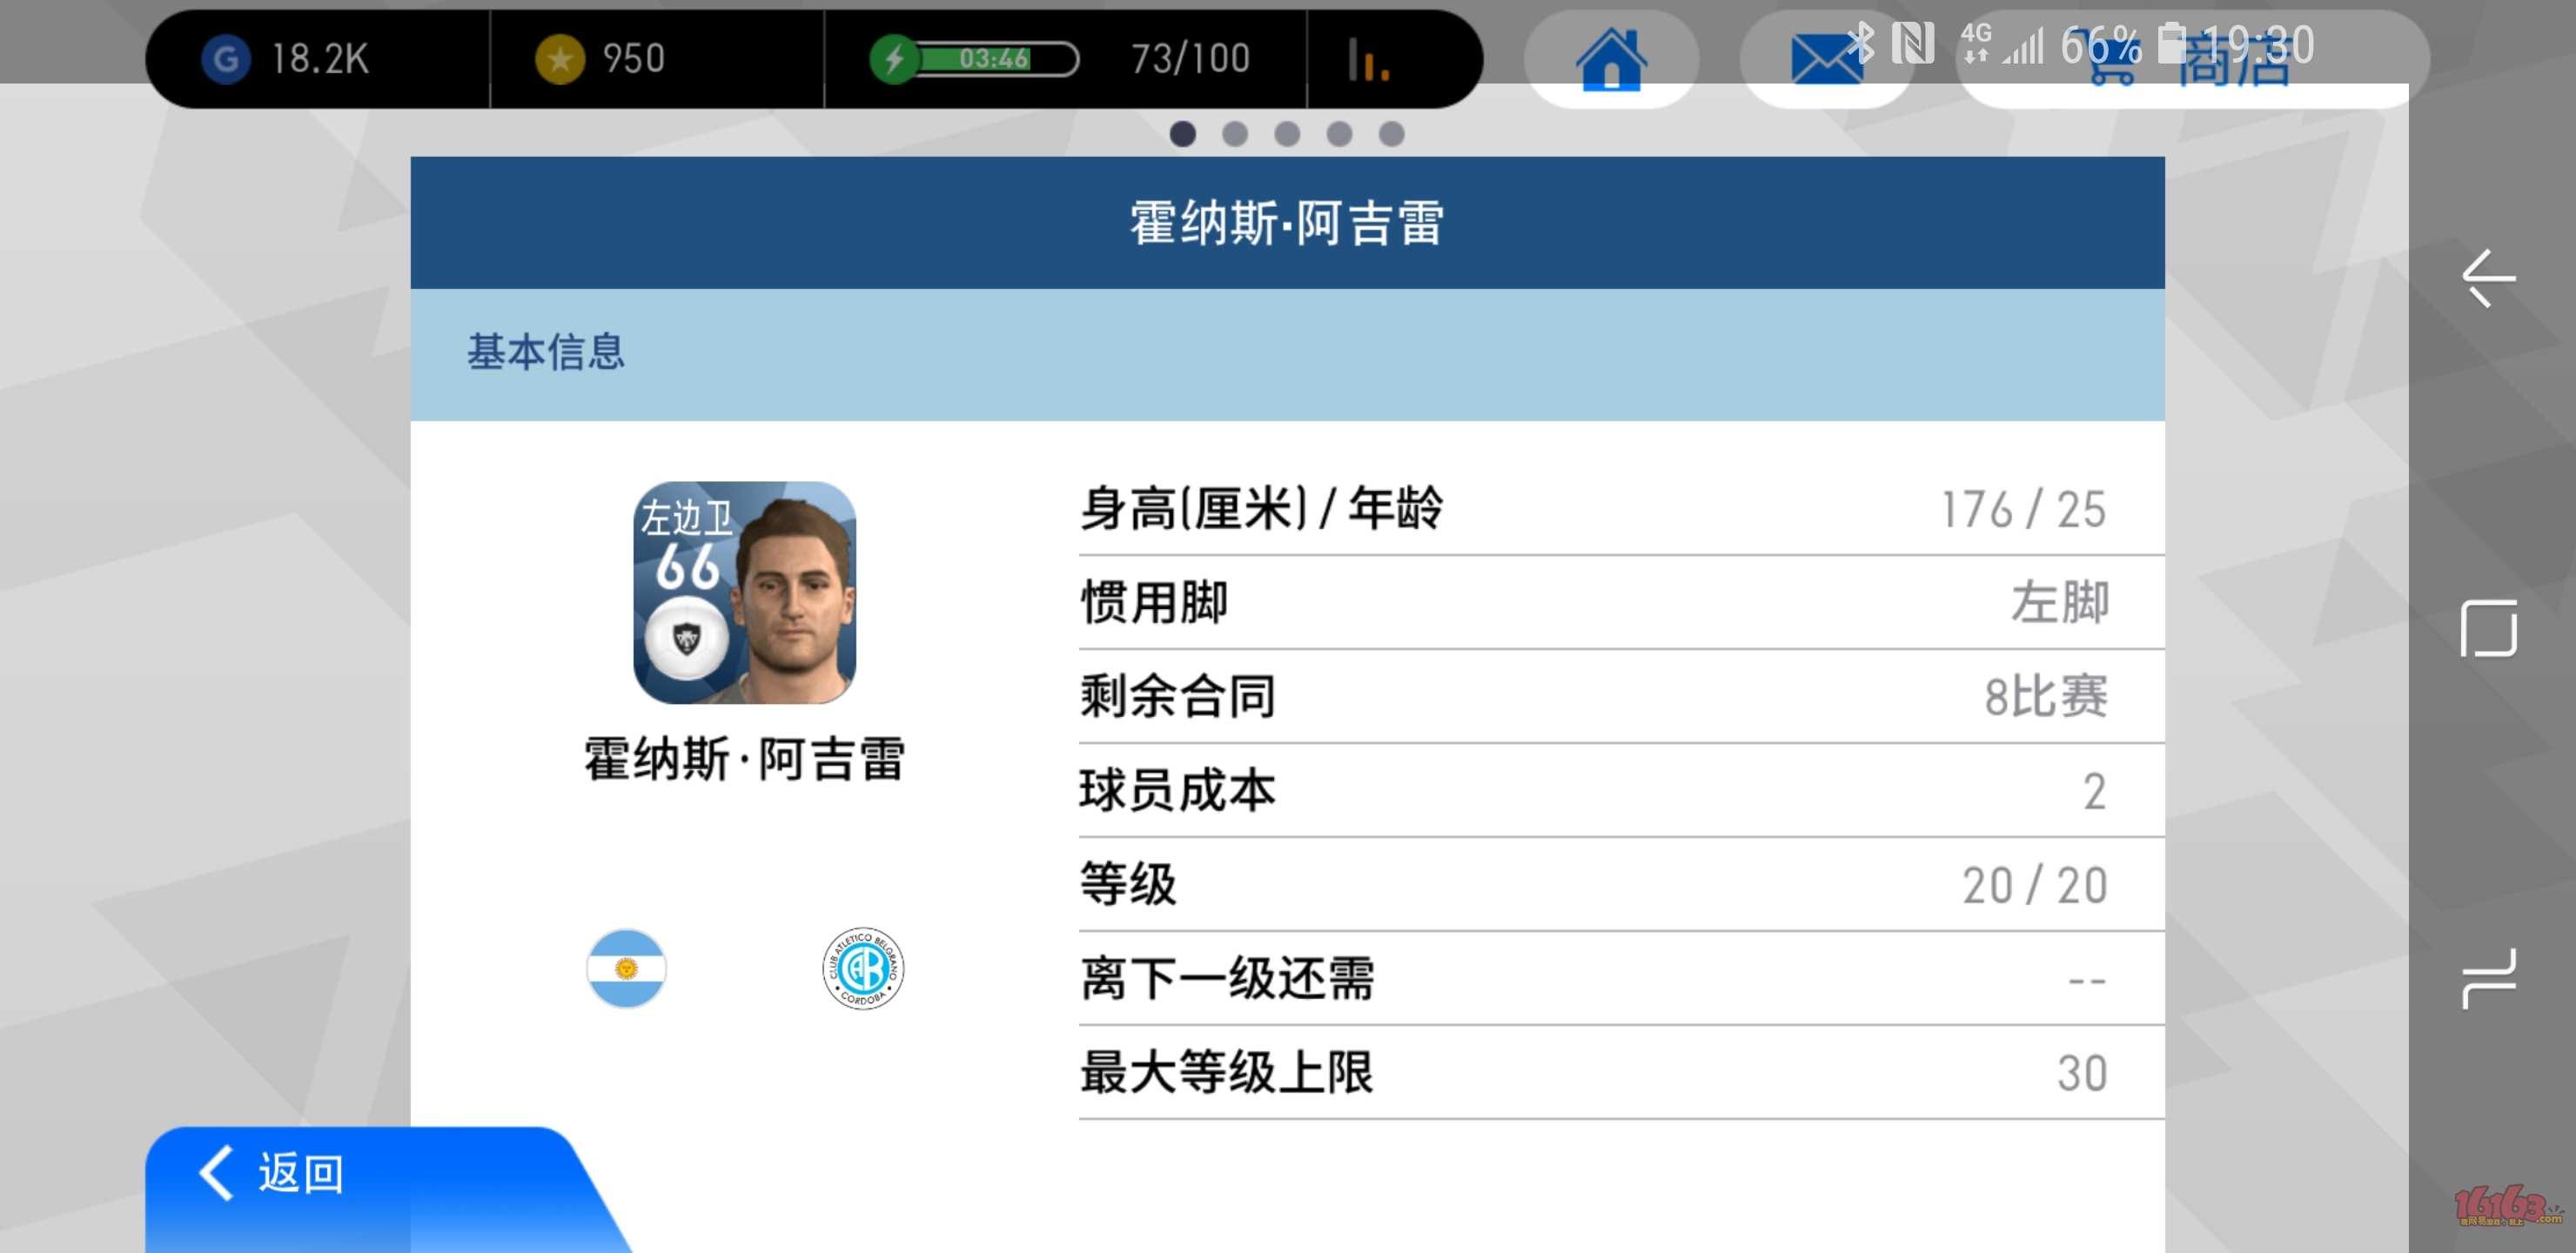 Screenshot_20180804-193021_瀹炲喌瓒崇悆.jpg